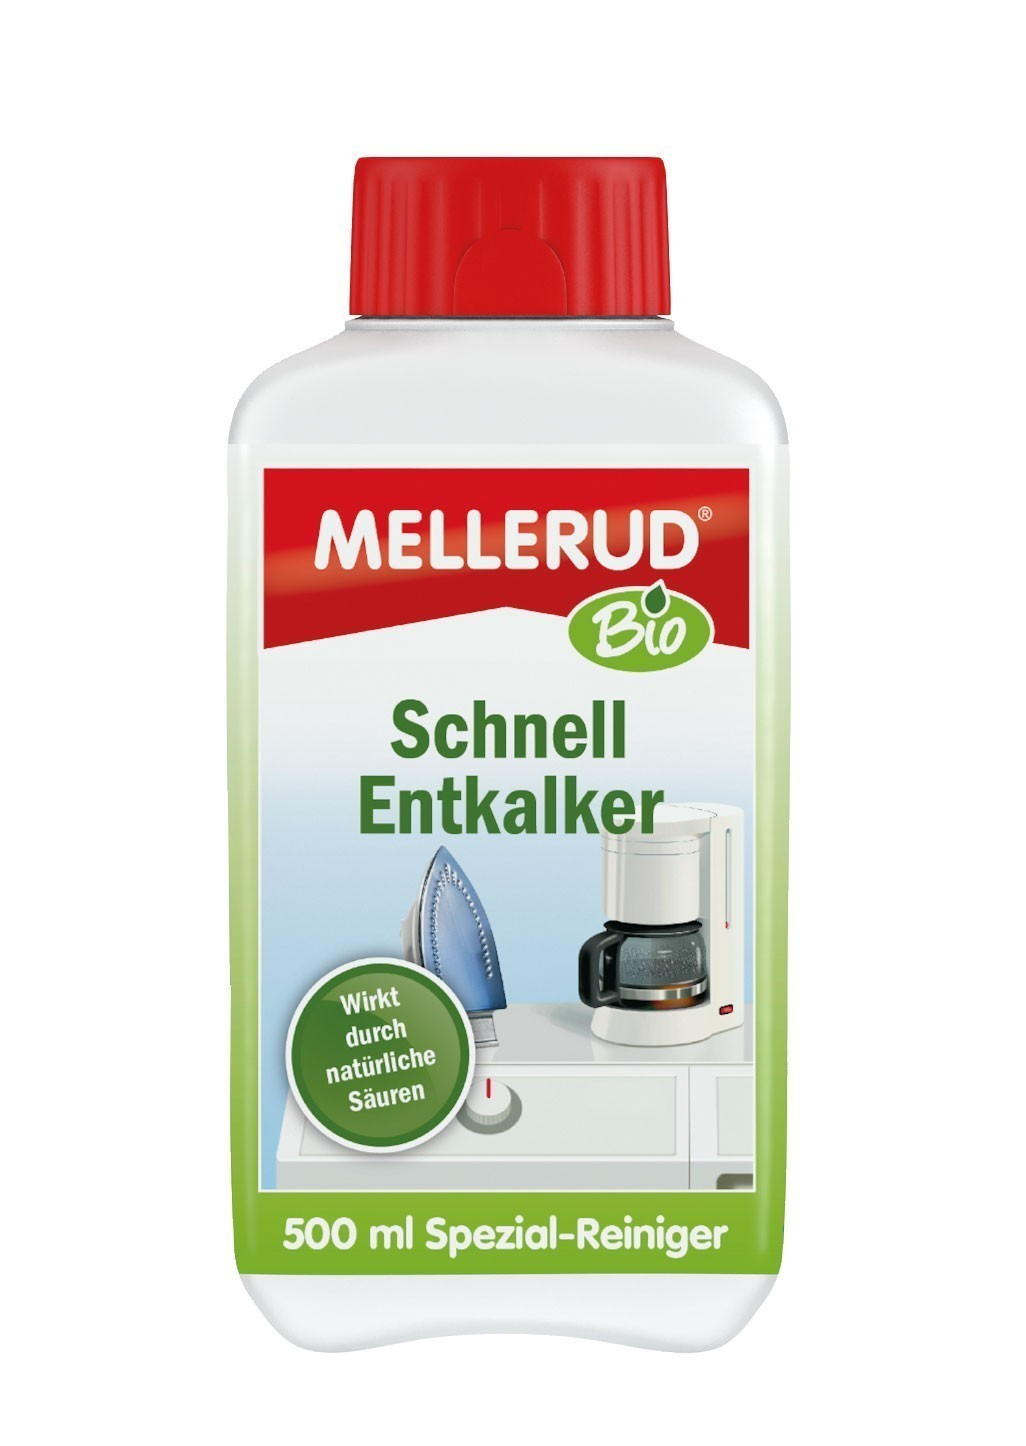 MELLERUD BIO Schnell Entkalker 0,5 Liter Bild 1